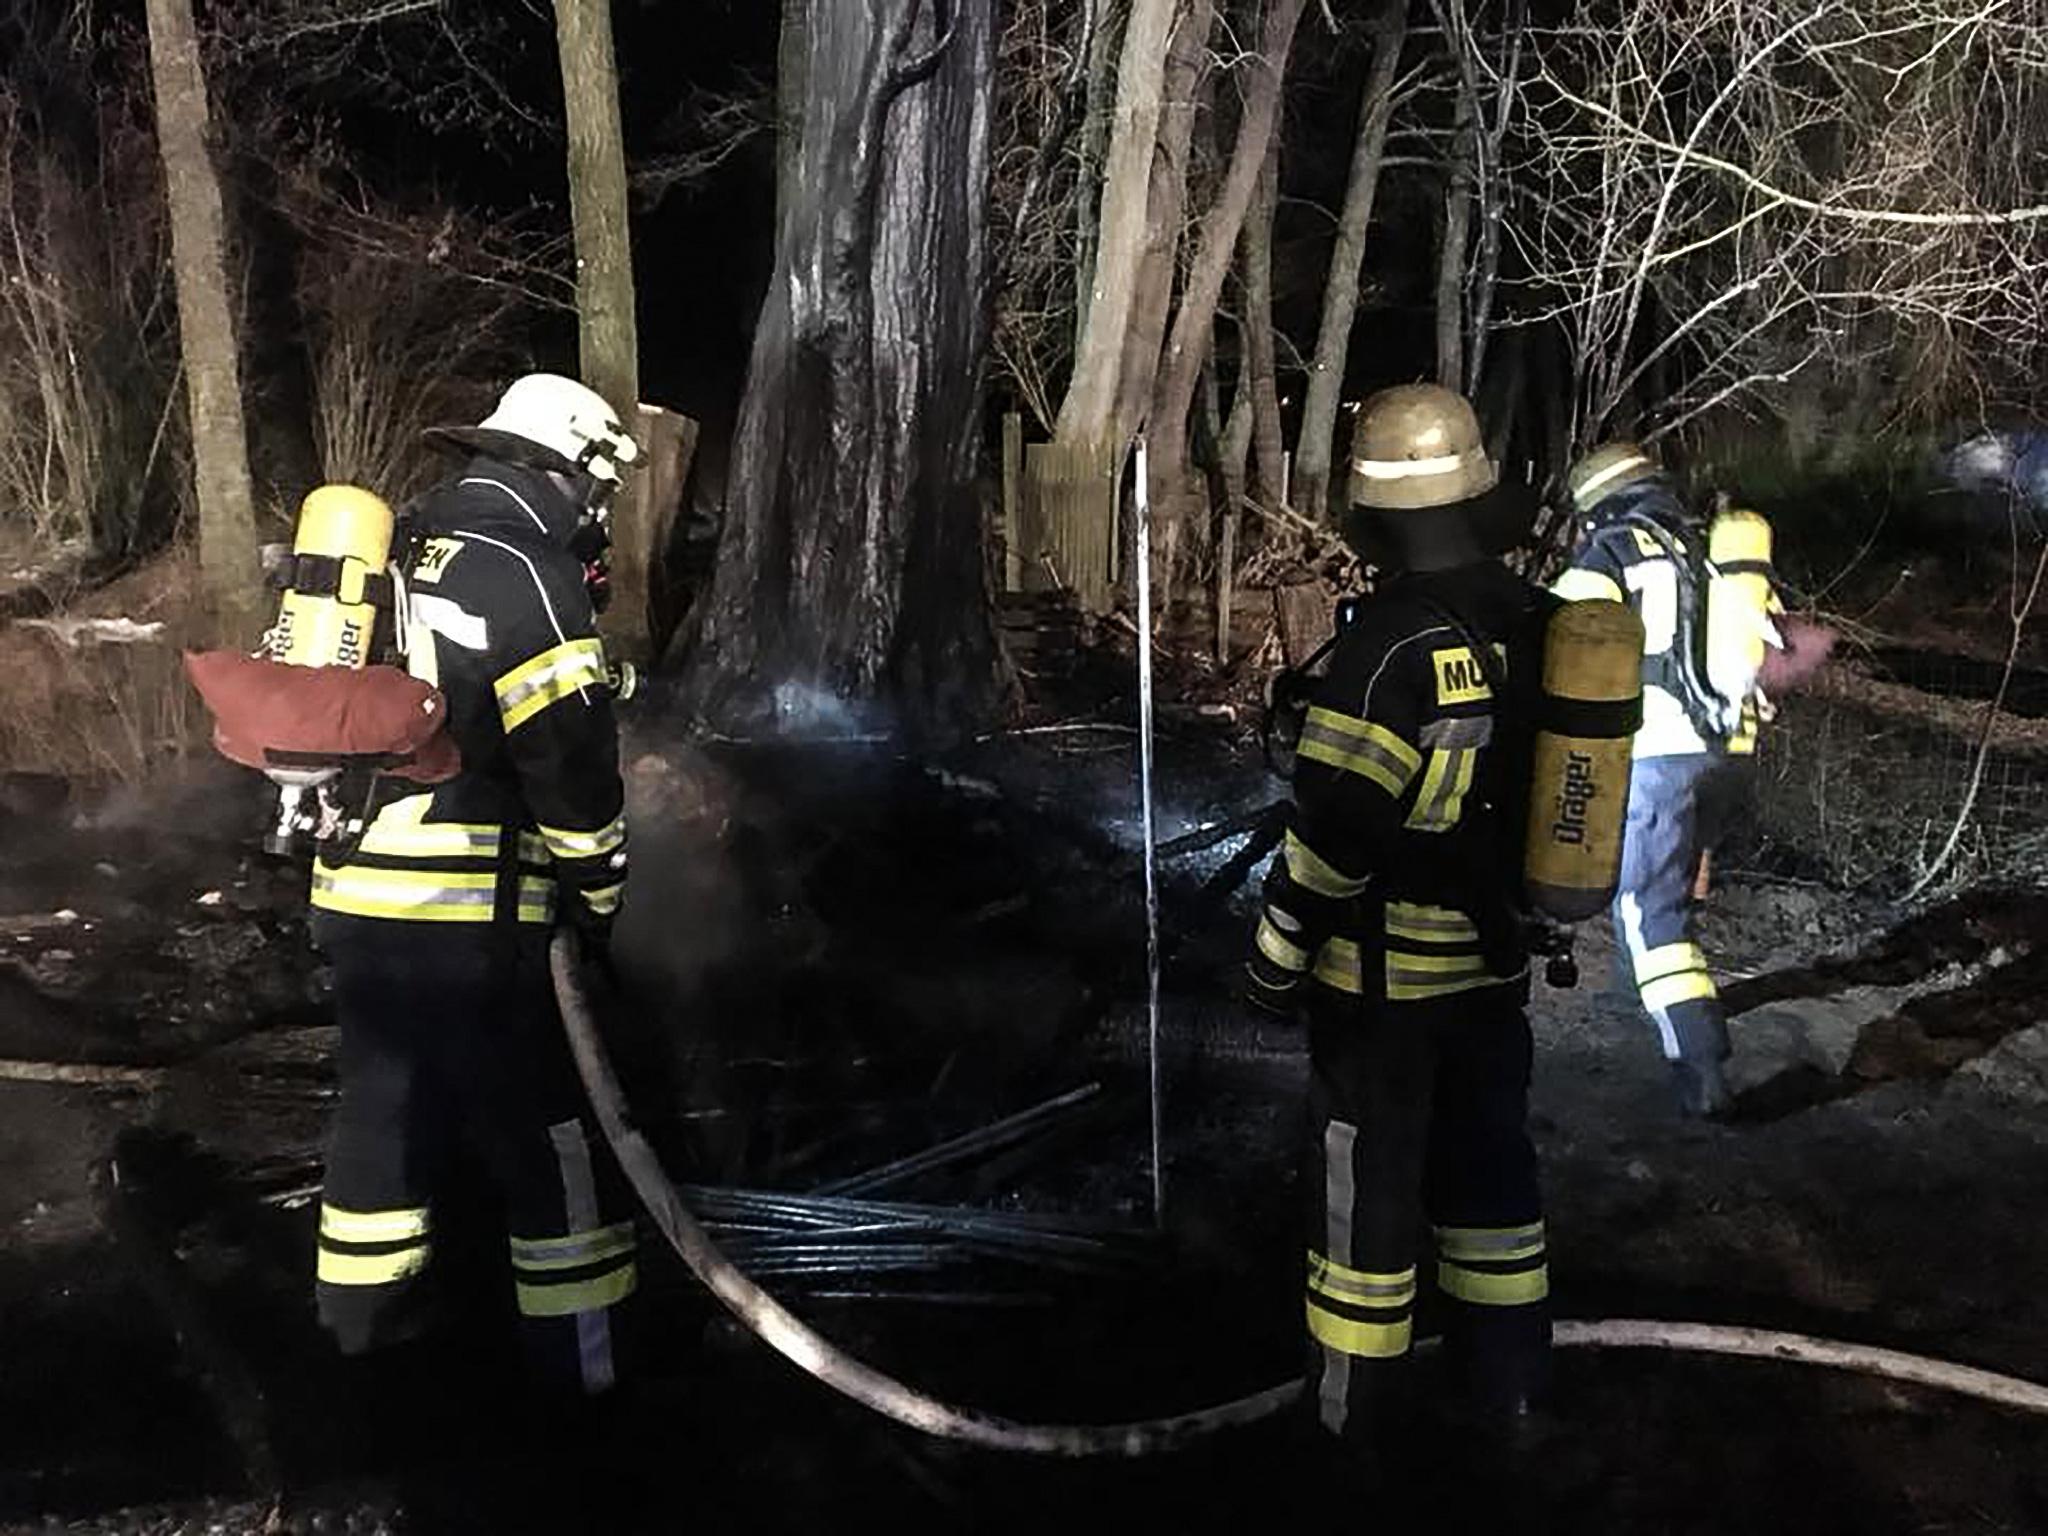 Zahlreiche Einsatzkräfte löschten den Brand. Foto: Freiwillige Feuerwehr Estenfeld